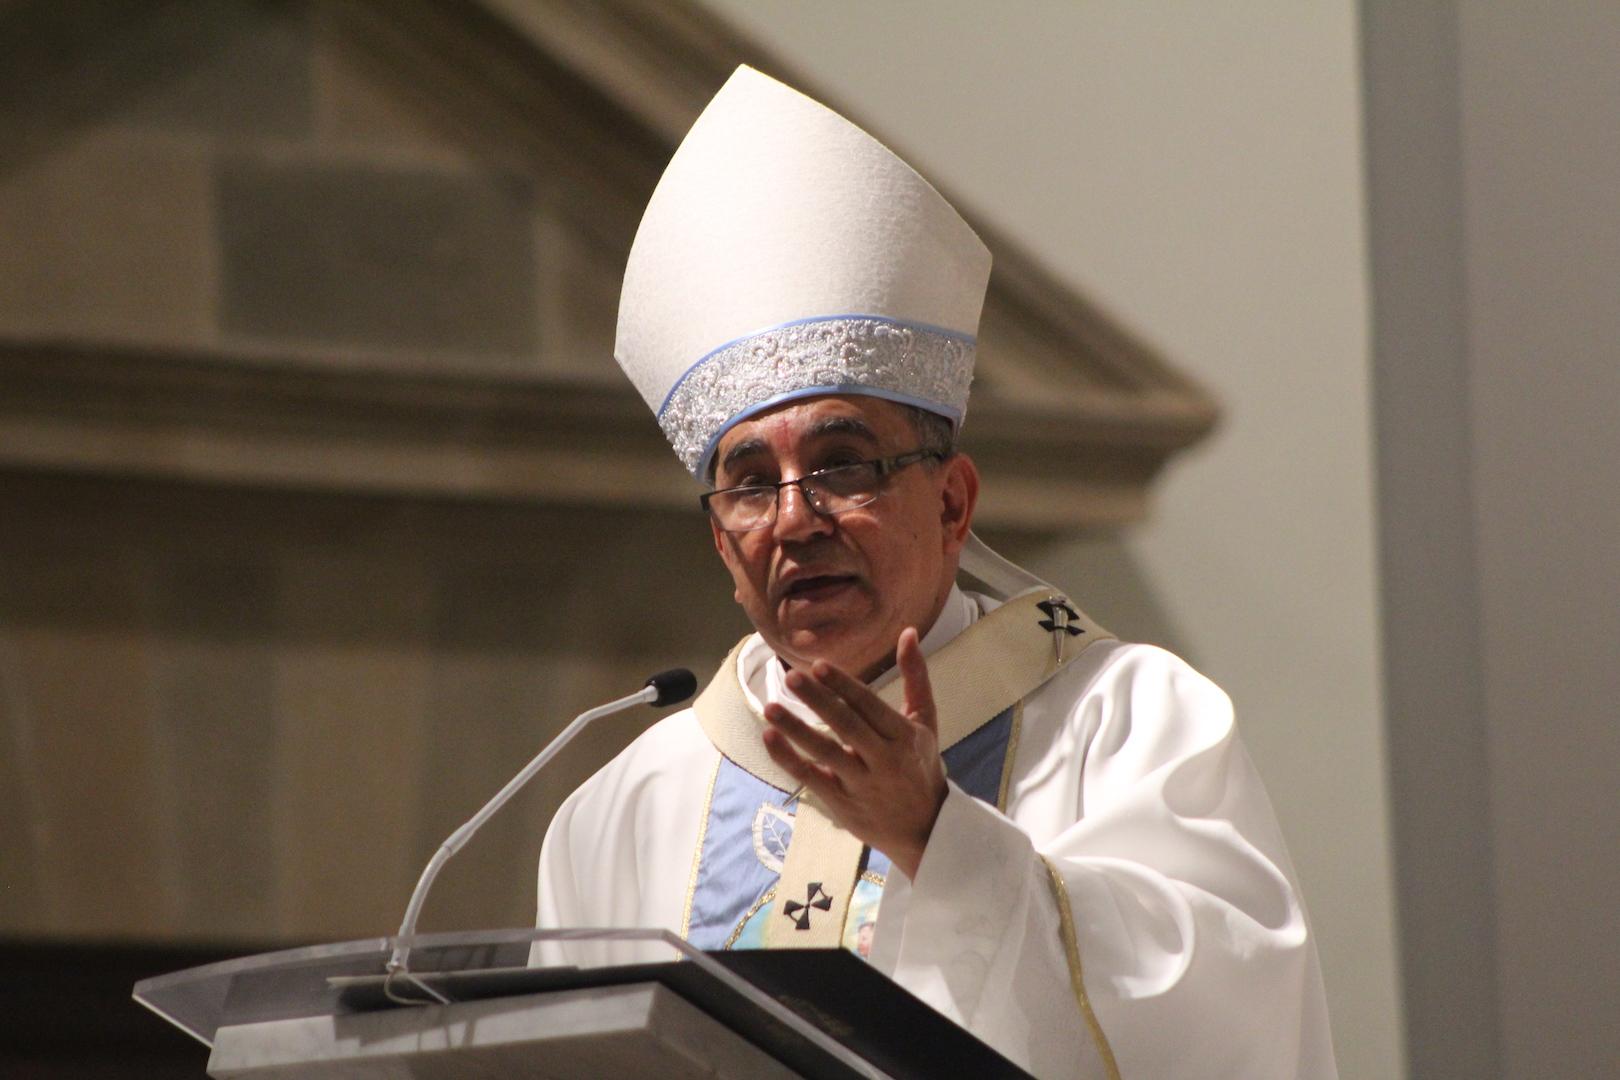 HOMILIA DE LA MISA CRISMAL 2019 - Arzobispo de Panamá